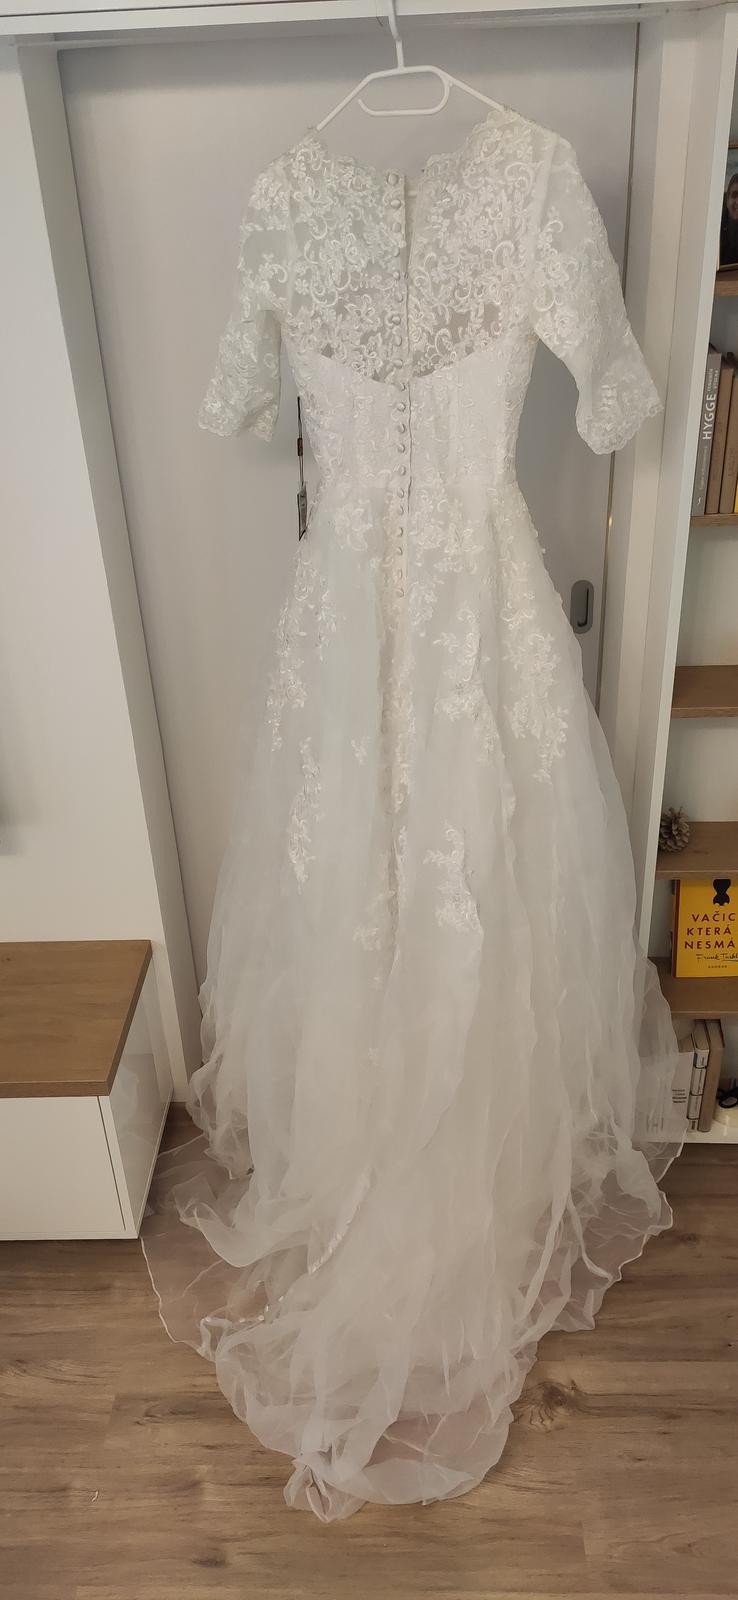 Nové svatební šaty vel. XS až S - Obrázek č. 4